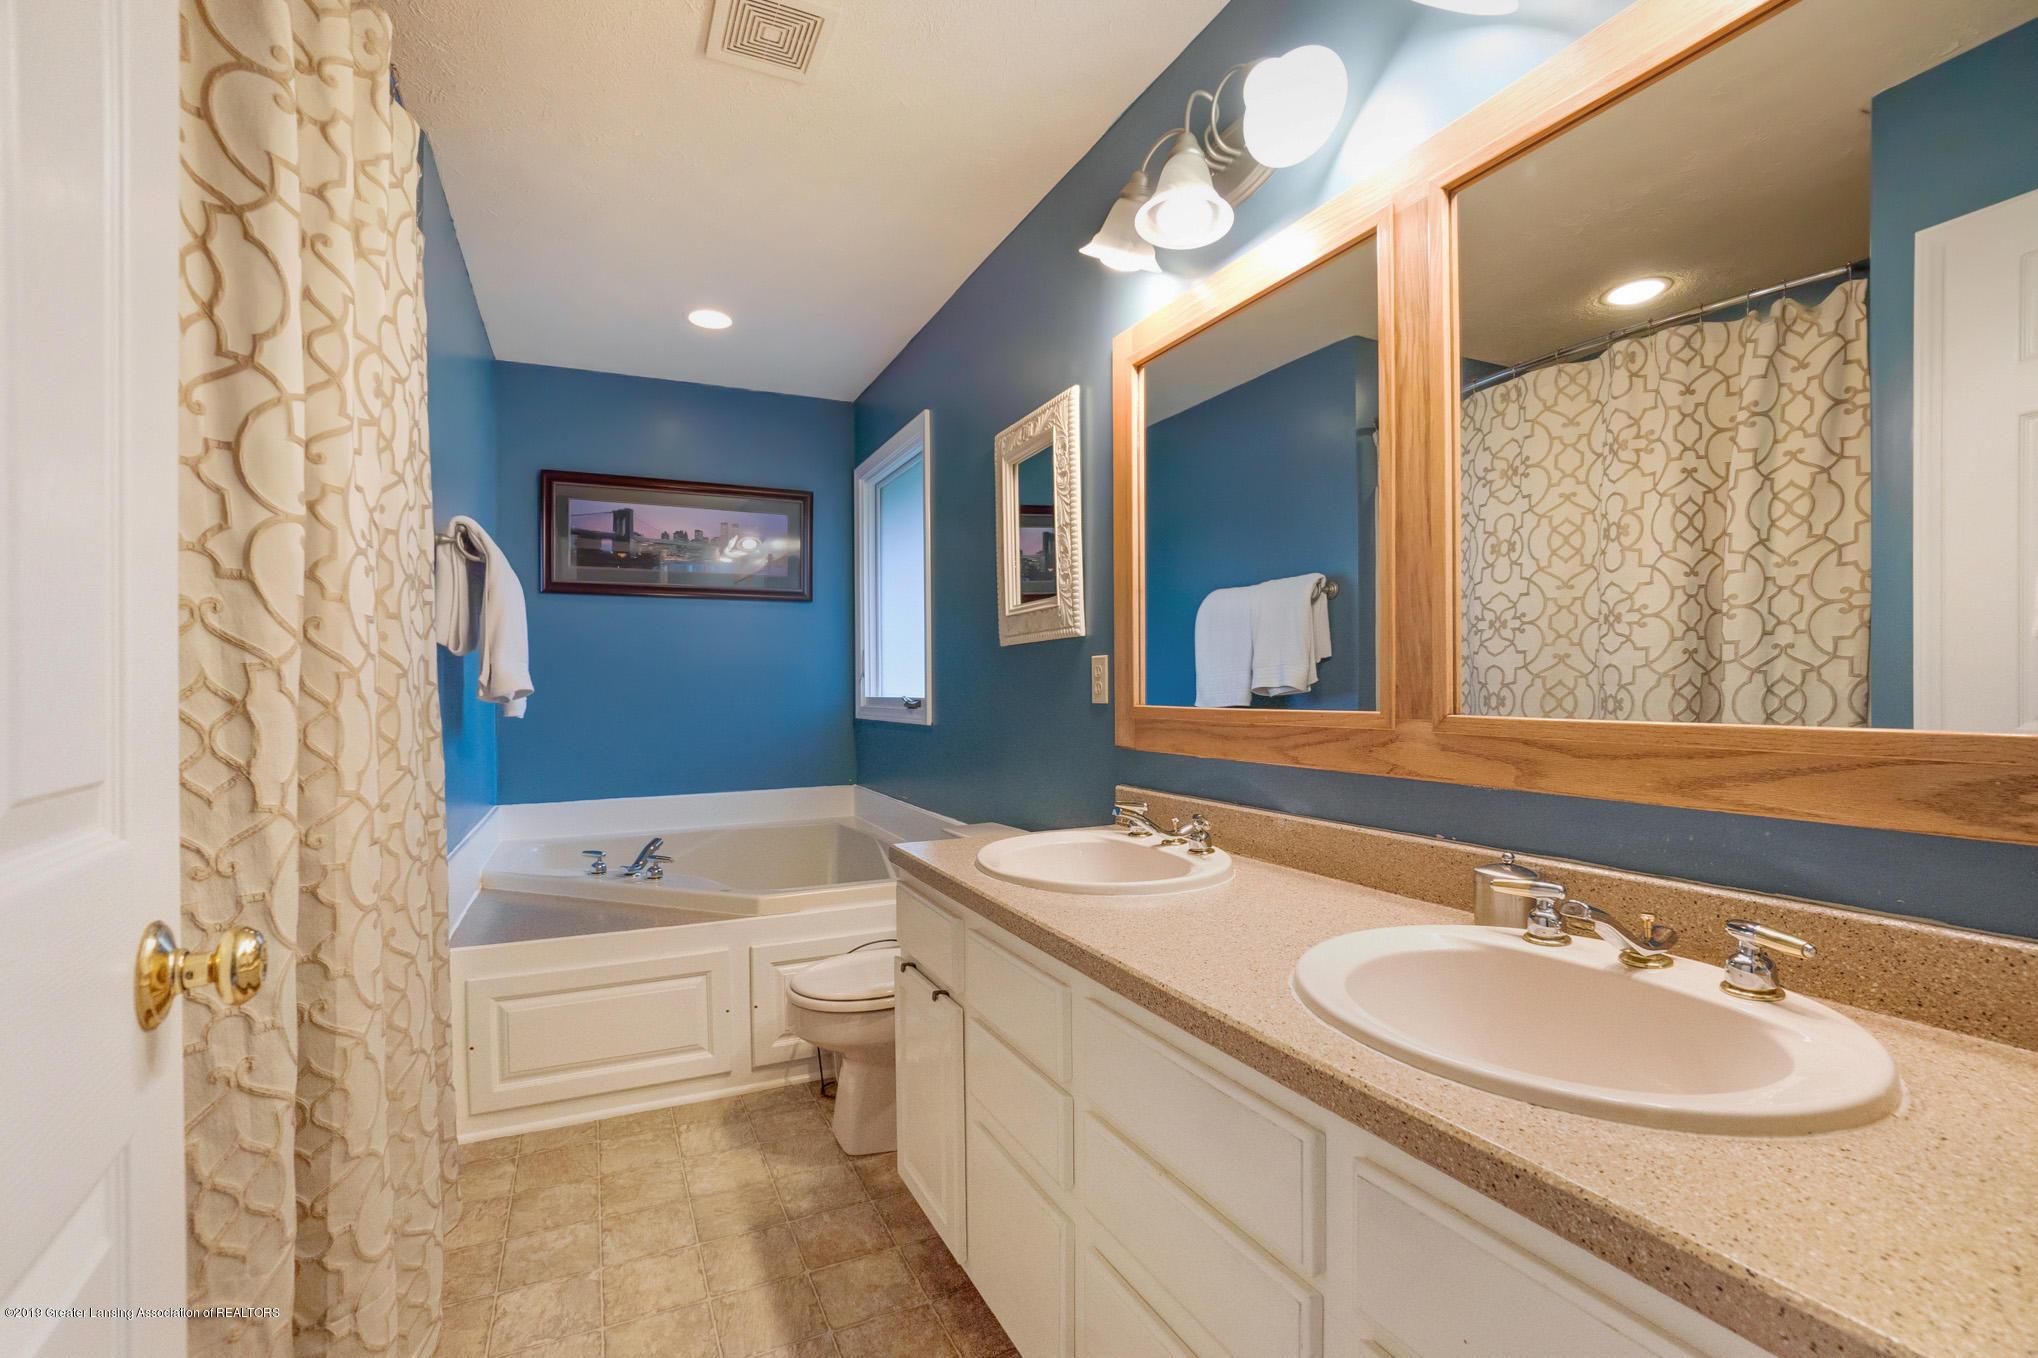 2540 Cunningham Dr - Bathroom - 17